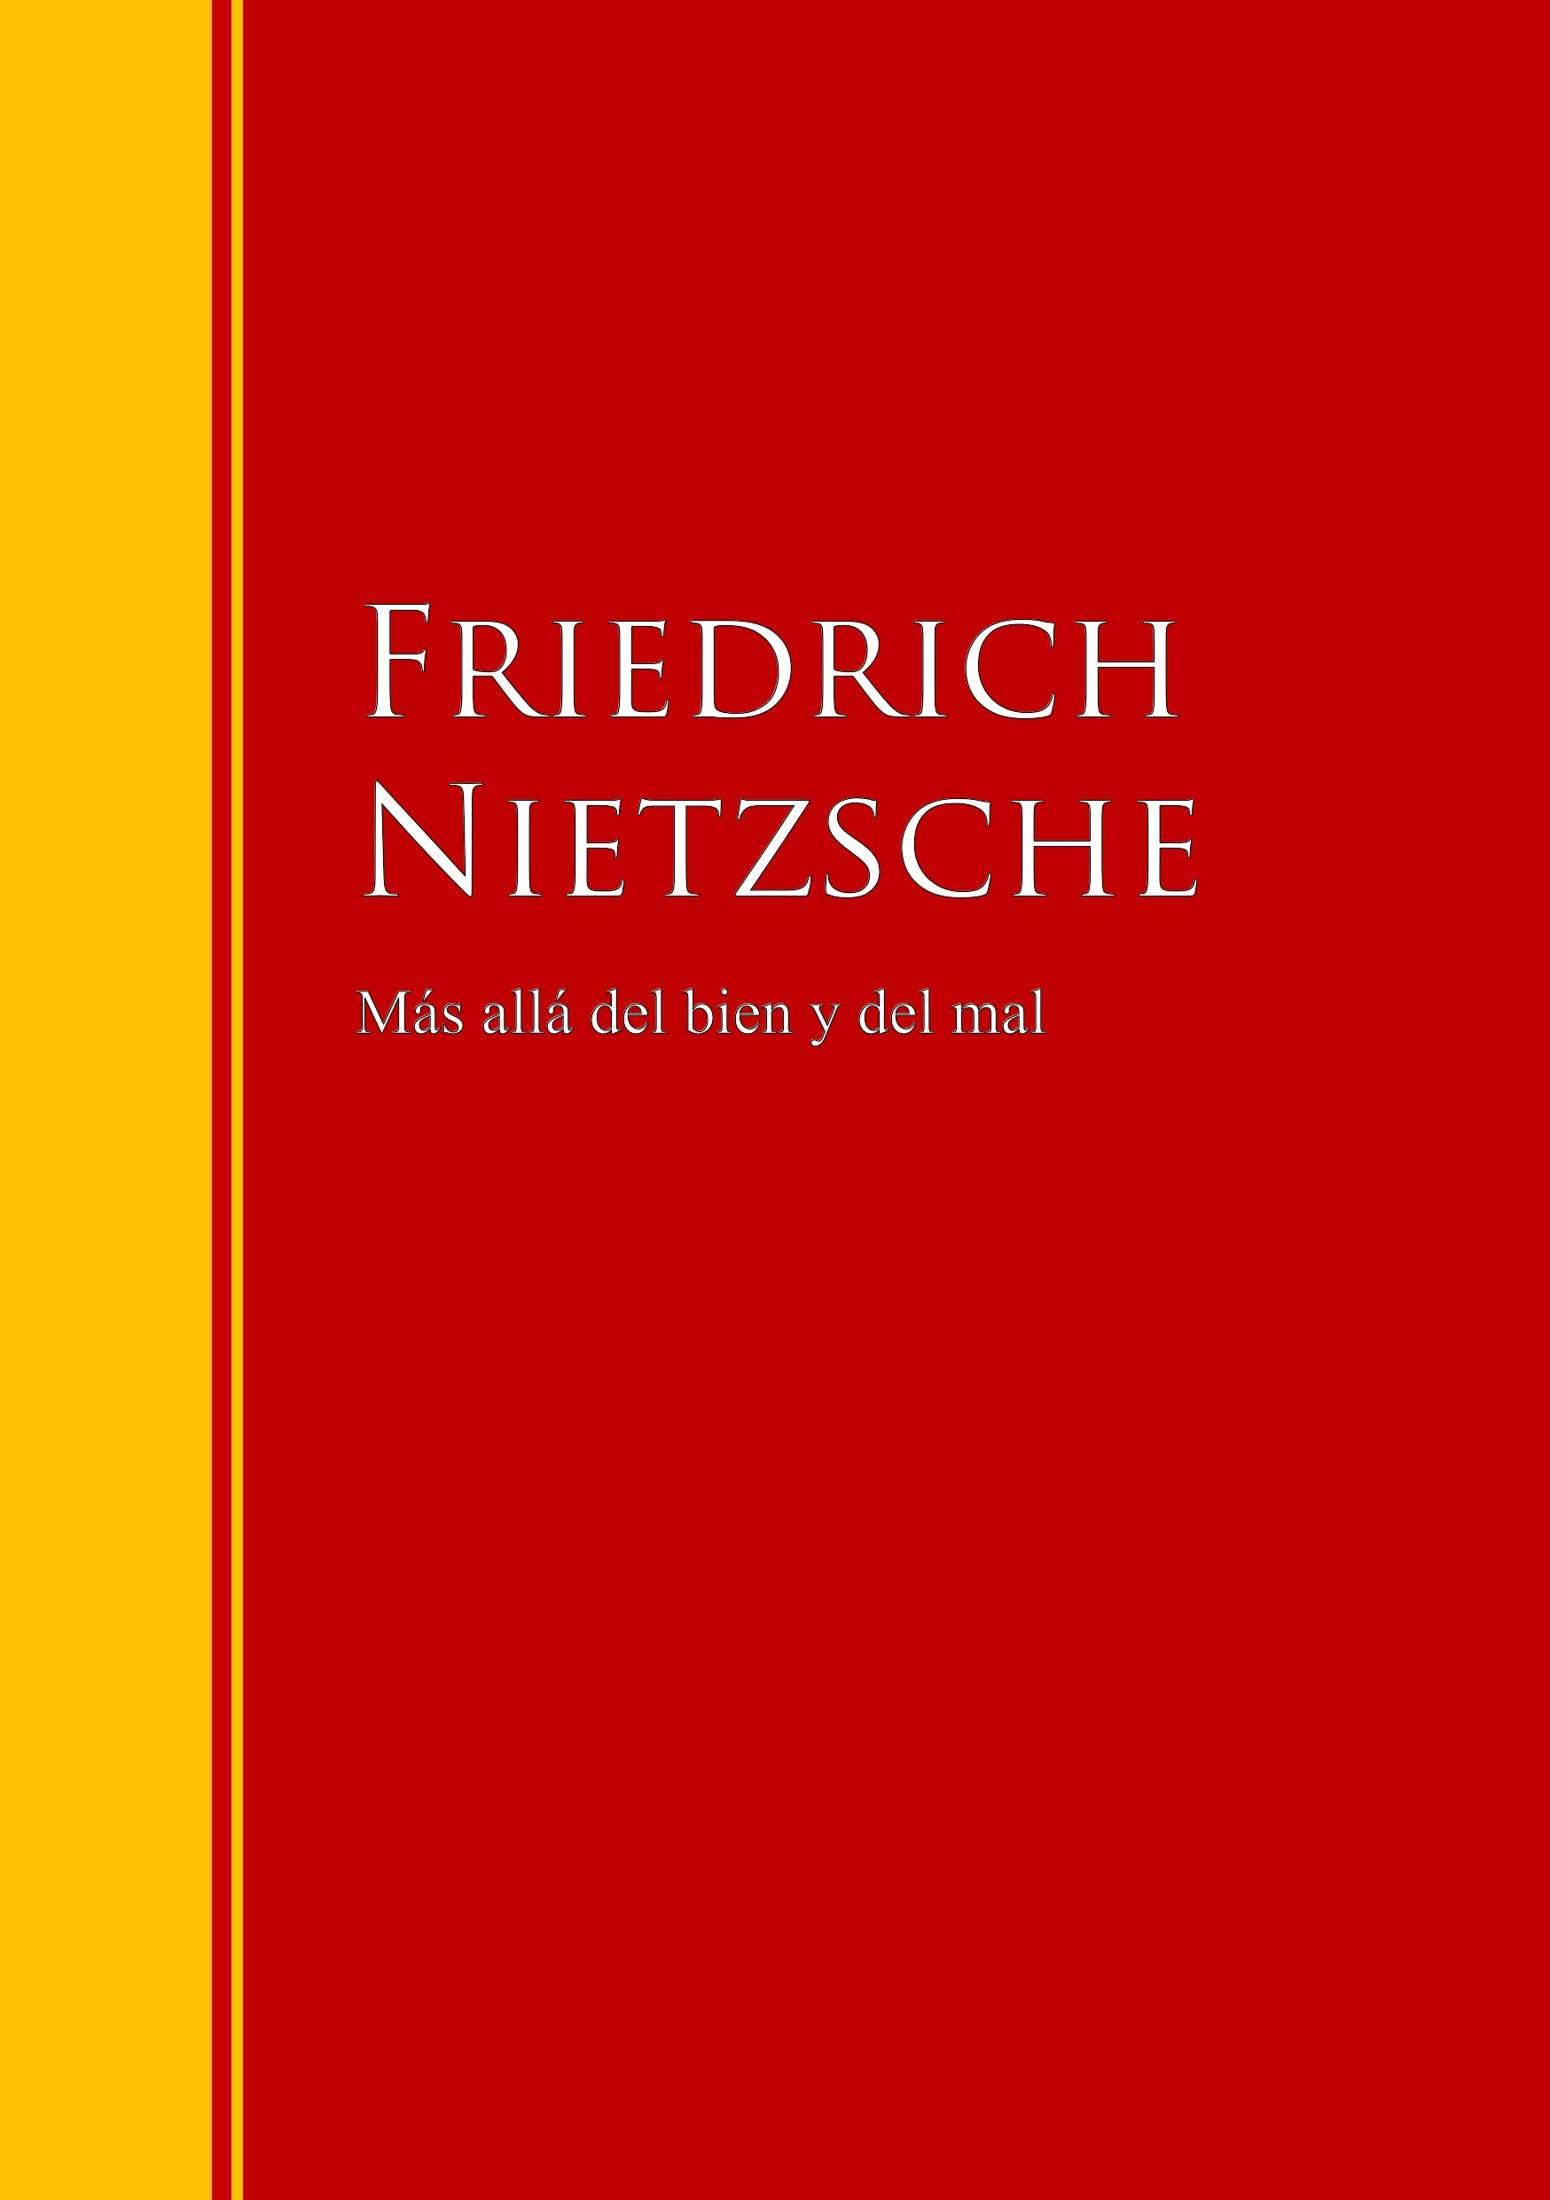 Friedrich Nietzsche Más allá del bien y del mal diana palmer más allá del odio